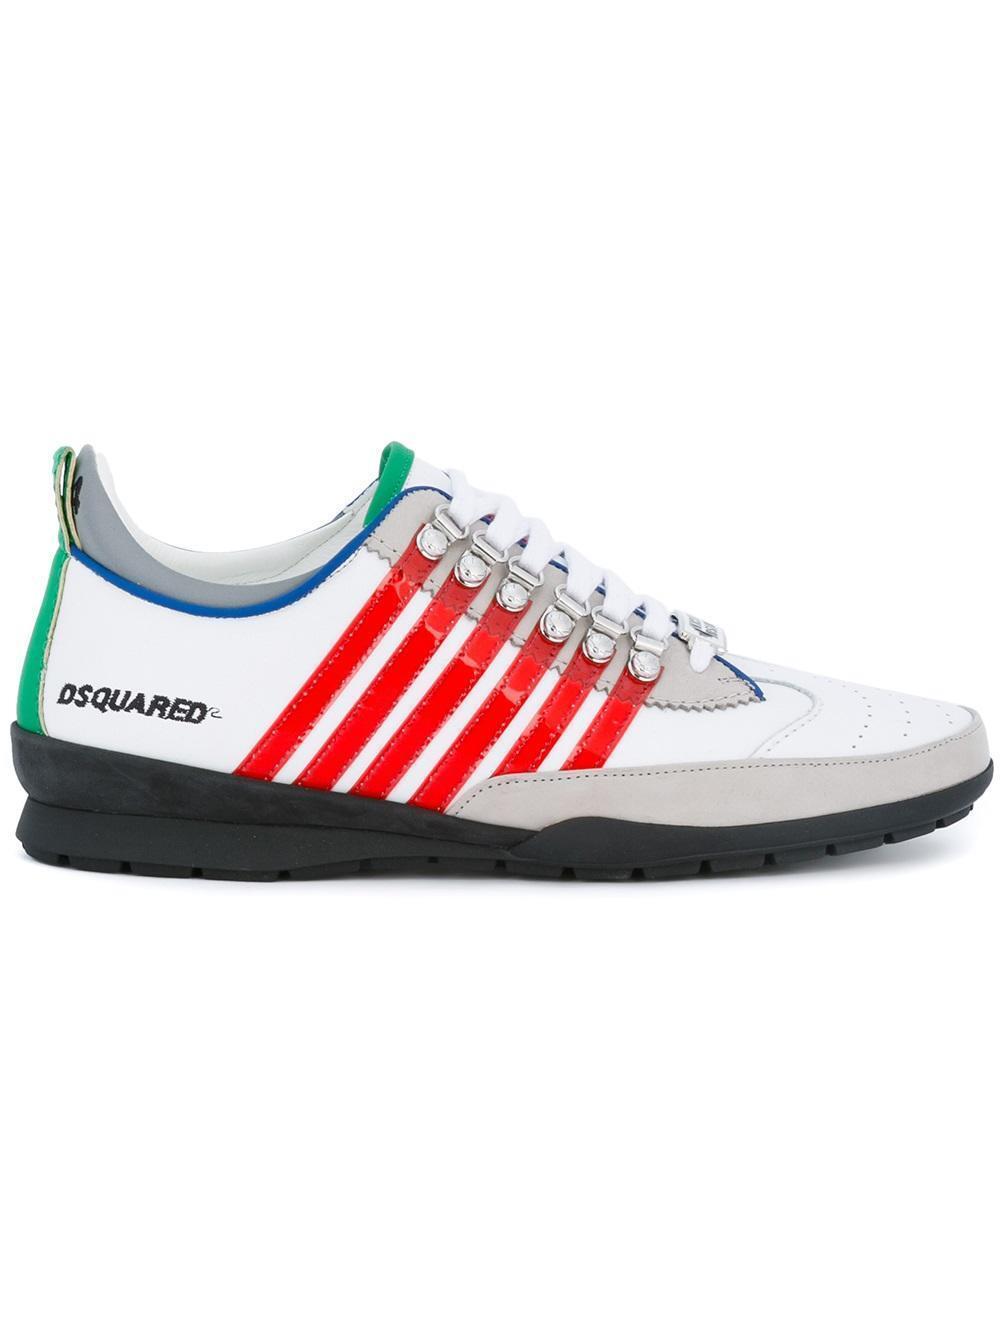 DSQUARED²  SNEAKERS 251  男鞋 MEN'S shoes 紳士靴 100%AUT g7sus